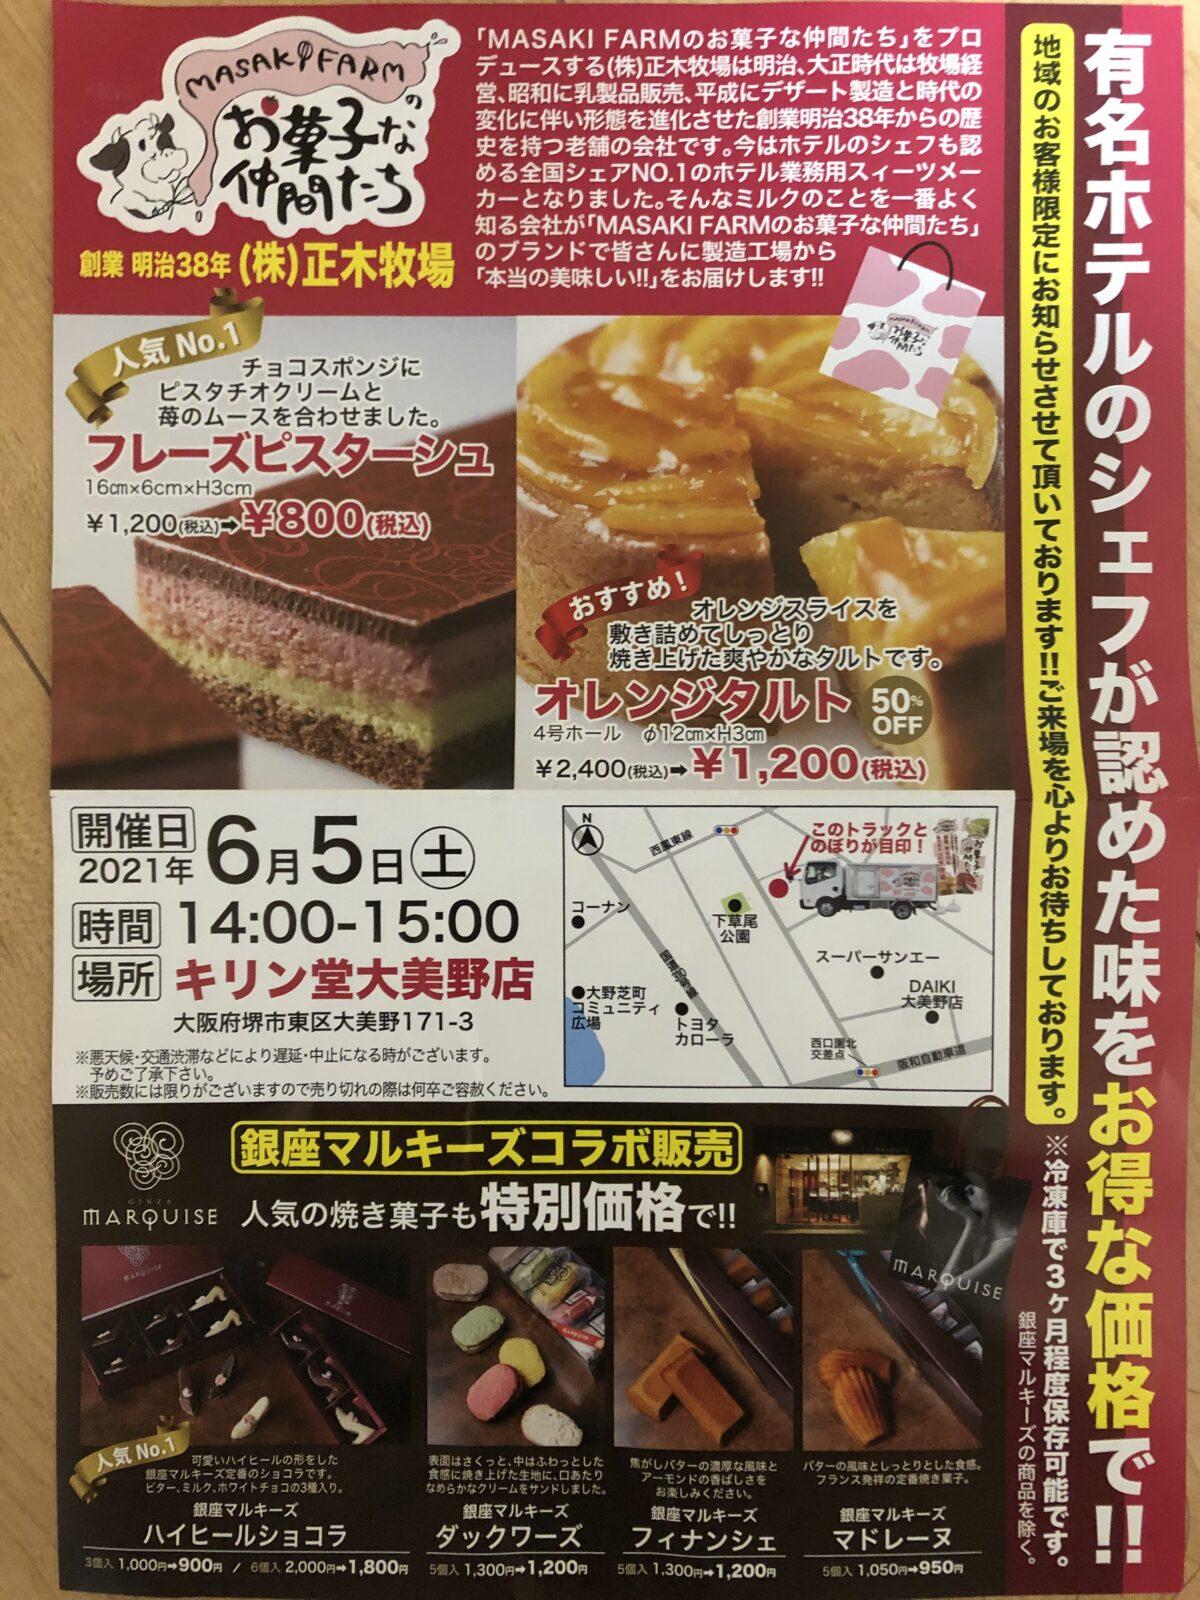 【2021.6/5(土)開催】堺市東区・有名ホテルのお菓子が「キリン堂大美野店」にやってくるよ~!: